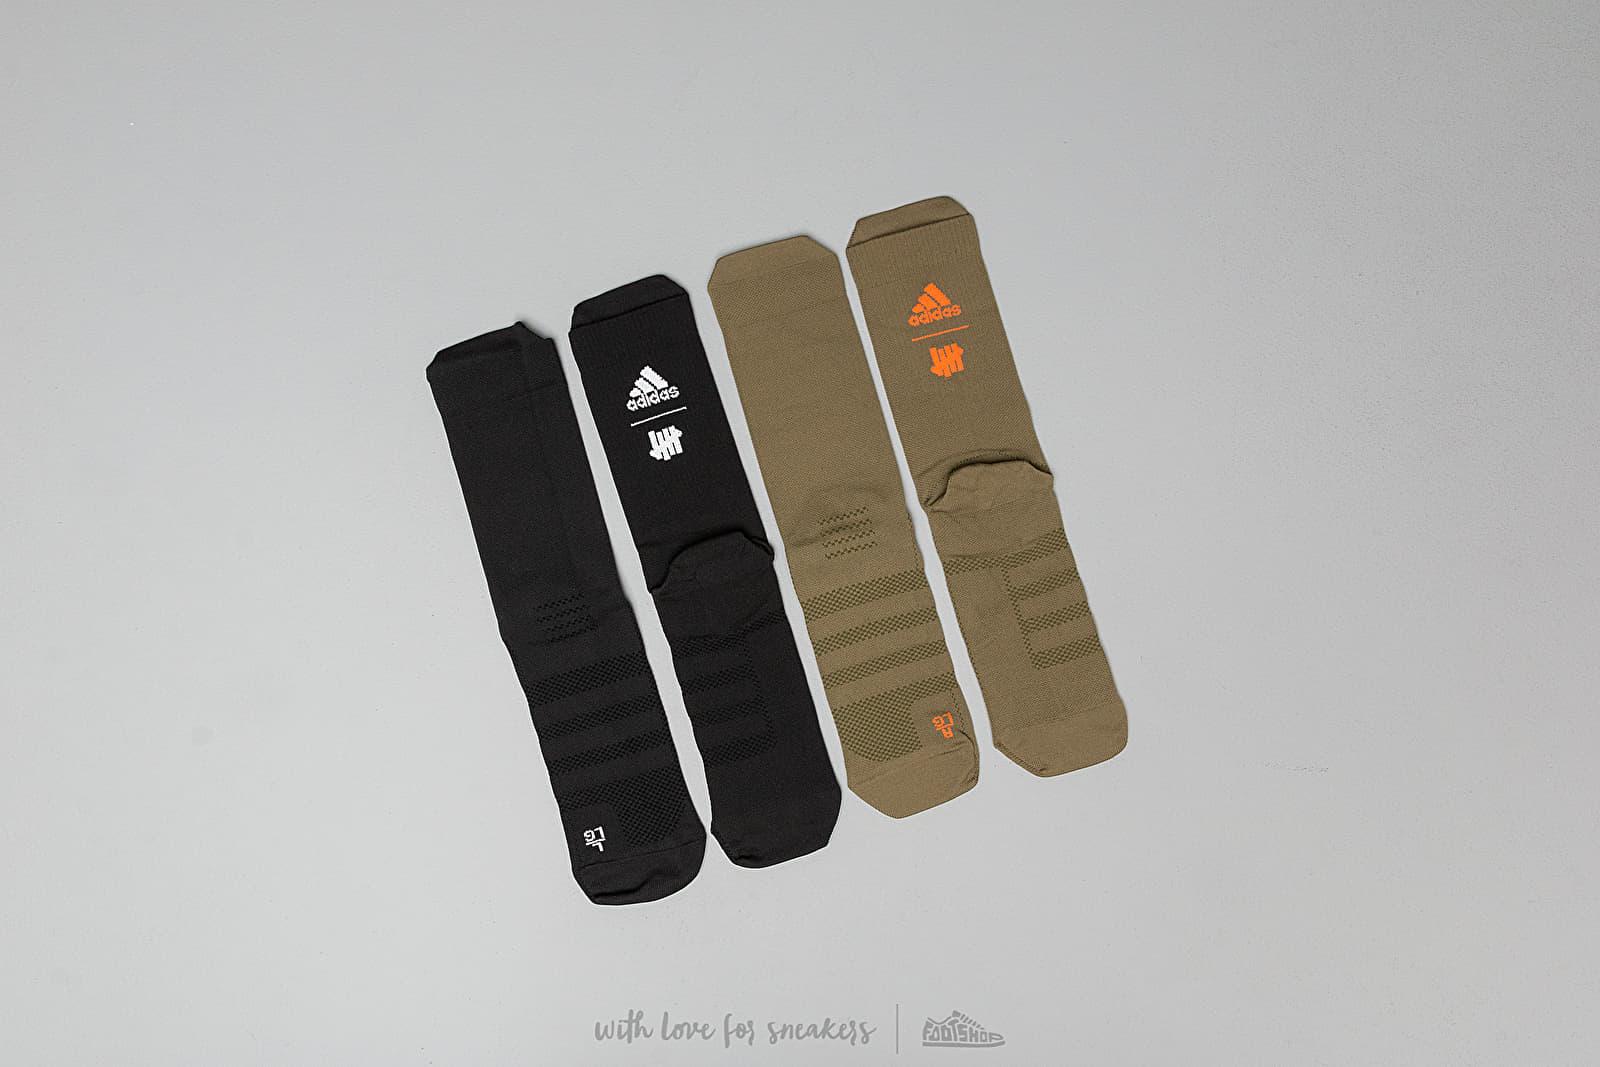 adidas x Undefeated 2 Pair Socks Olive/ Black za skvělou cenu 1 240 Kč koupíte na Footshop.cz